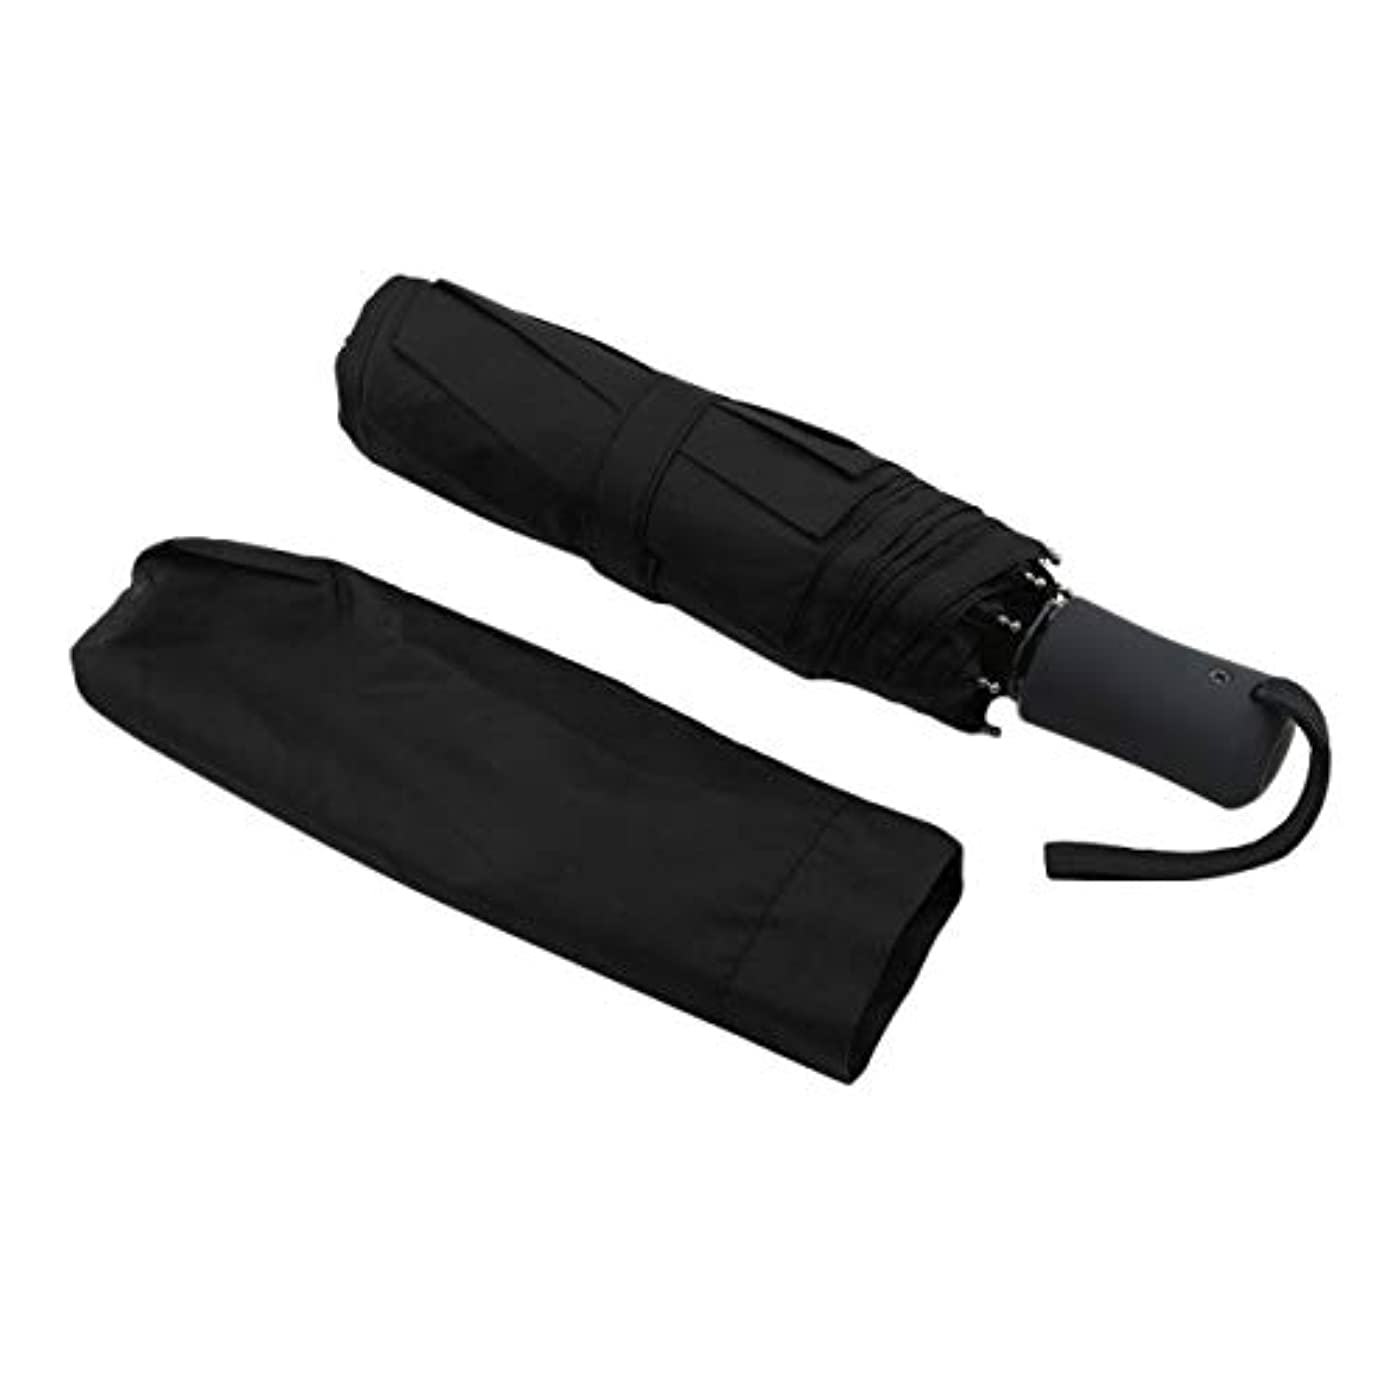 Saikogoods 耐久性に優れたファッショナブルな高度な全自動UVプルーフ三折りたたみビジネスソリッドサンシェード雨の傘 黒